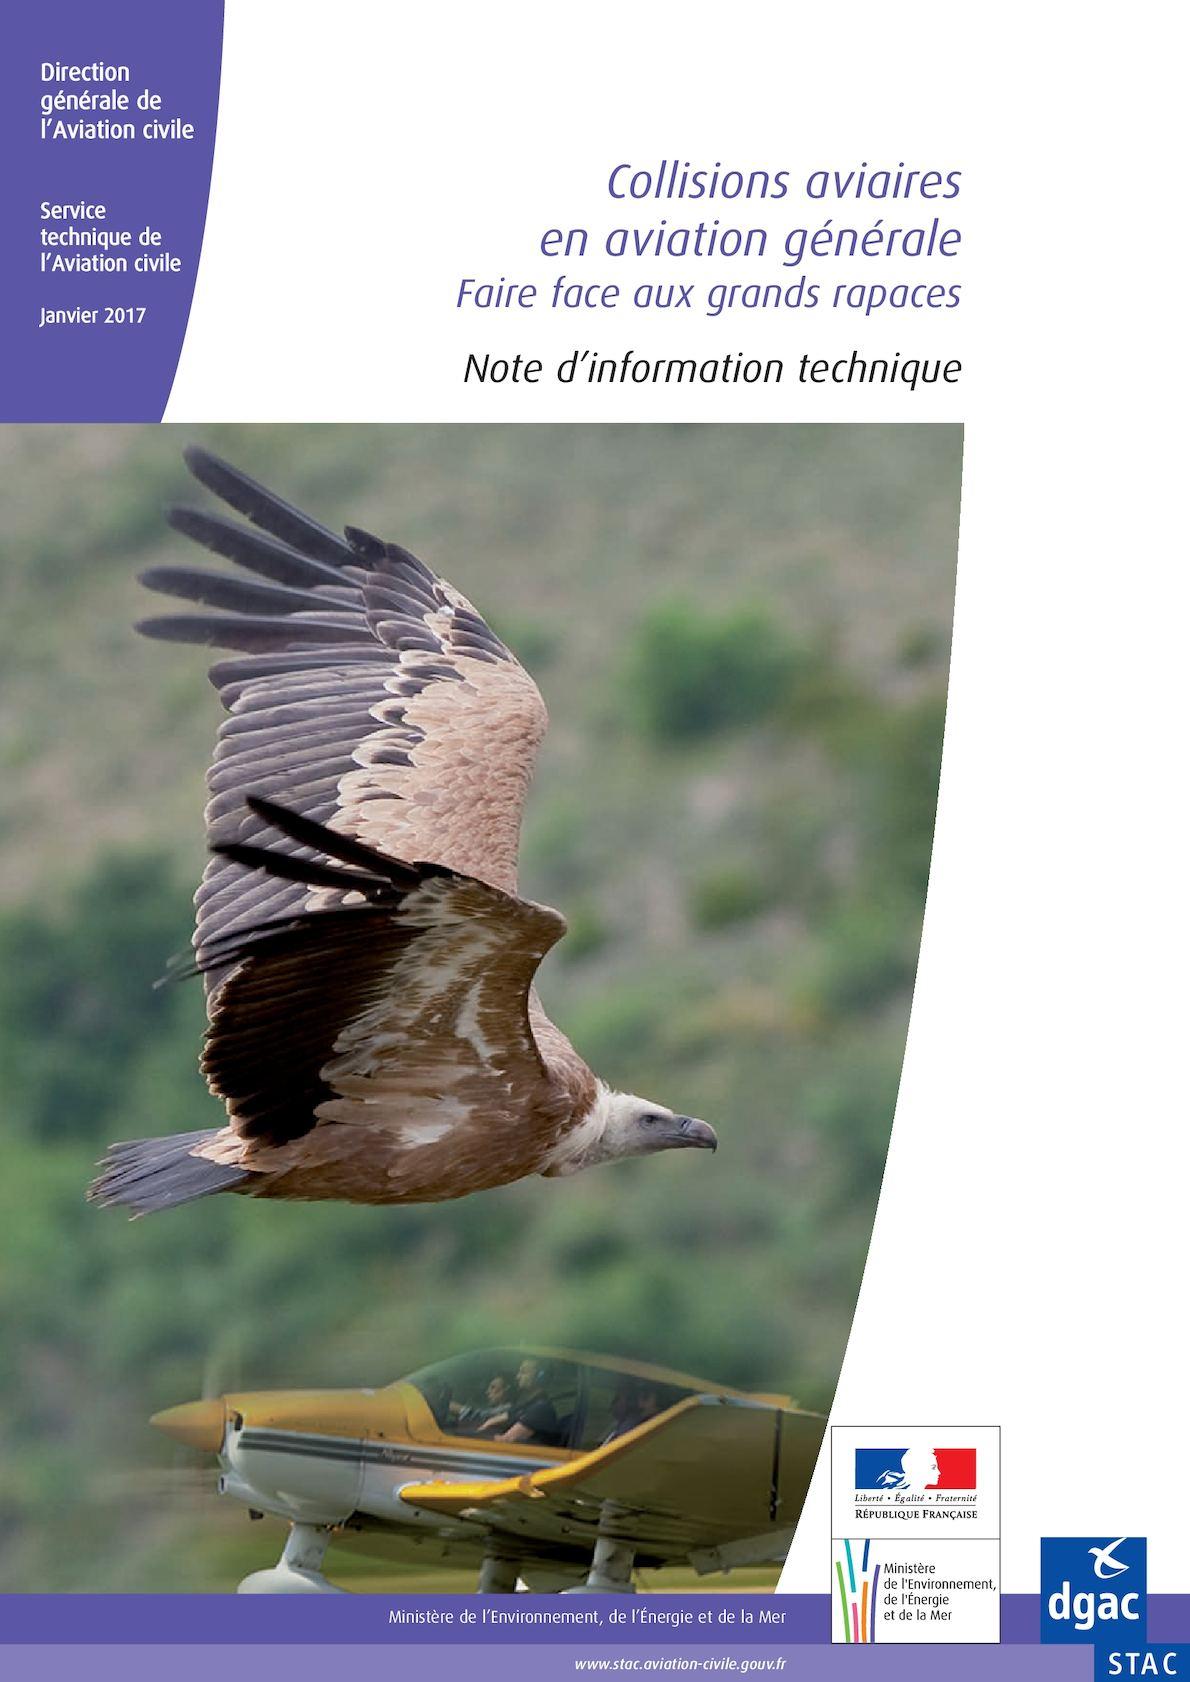 Collisions aviaires en aviation générale : faire face aux grands rapaces